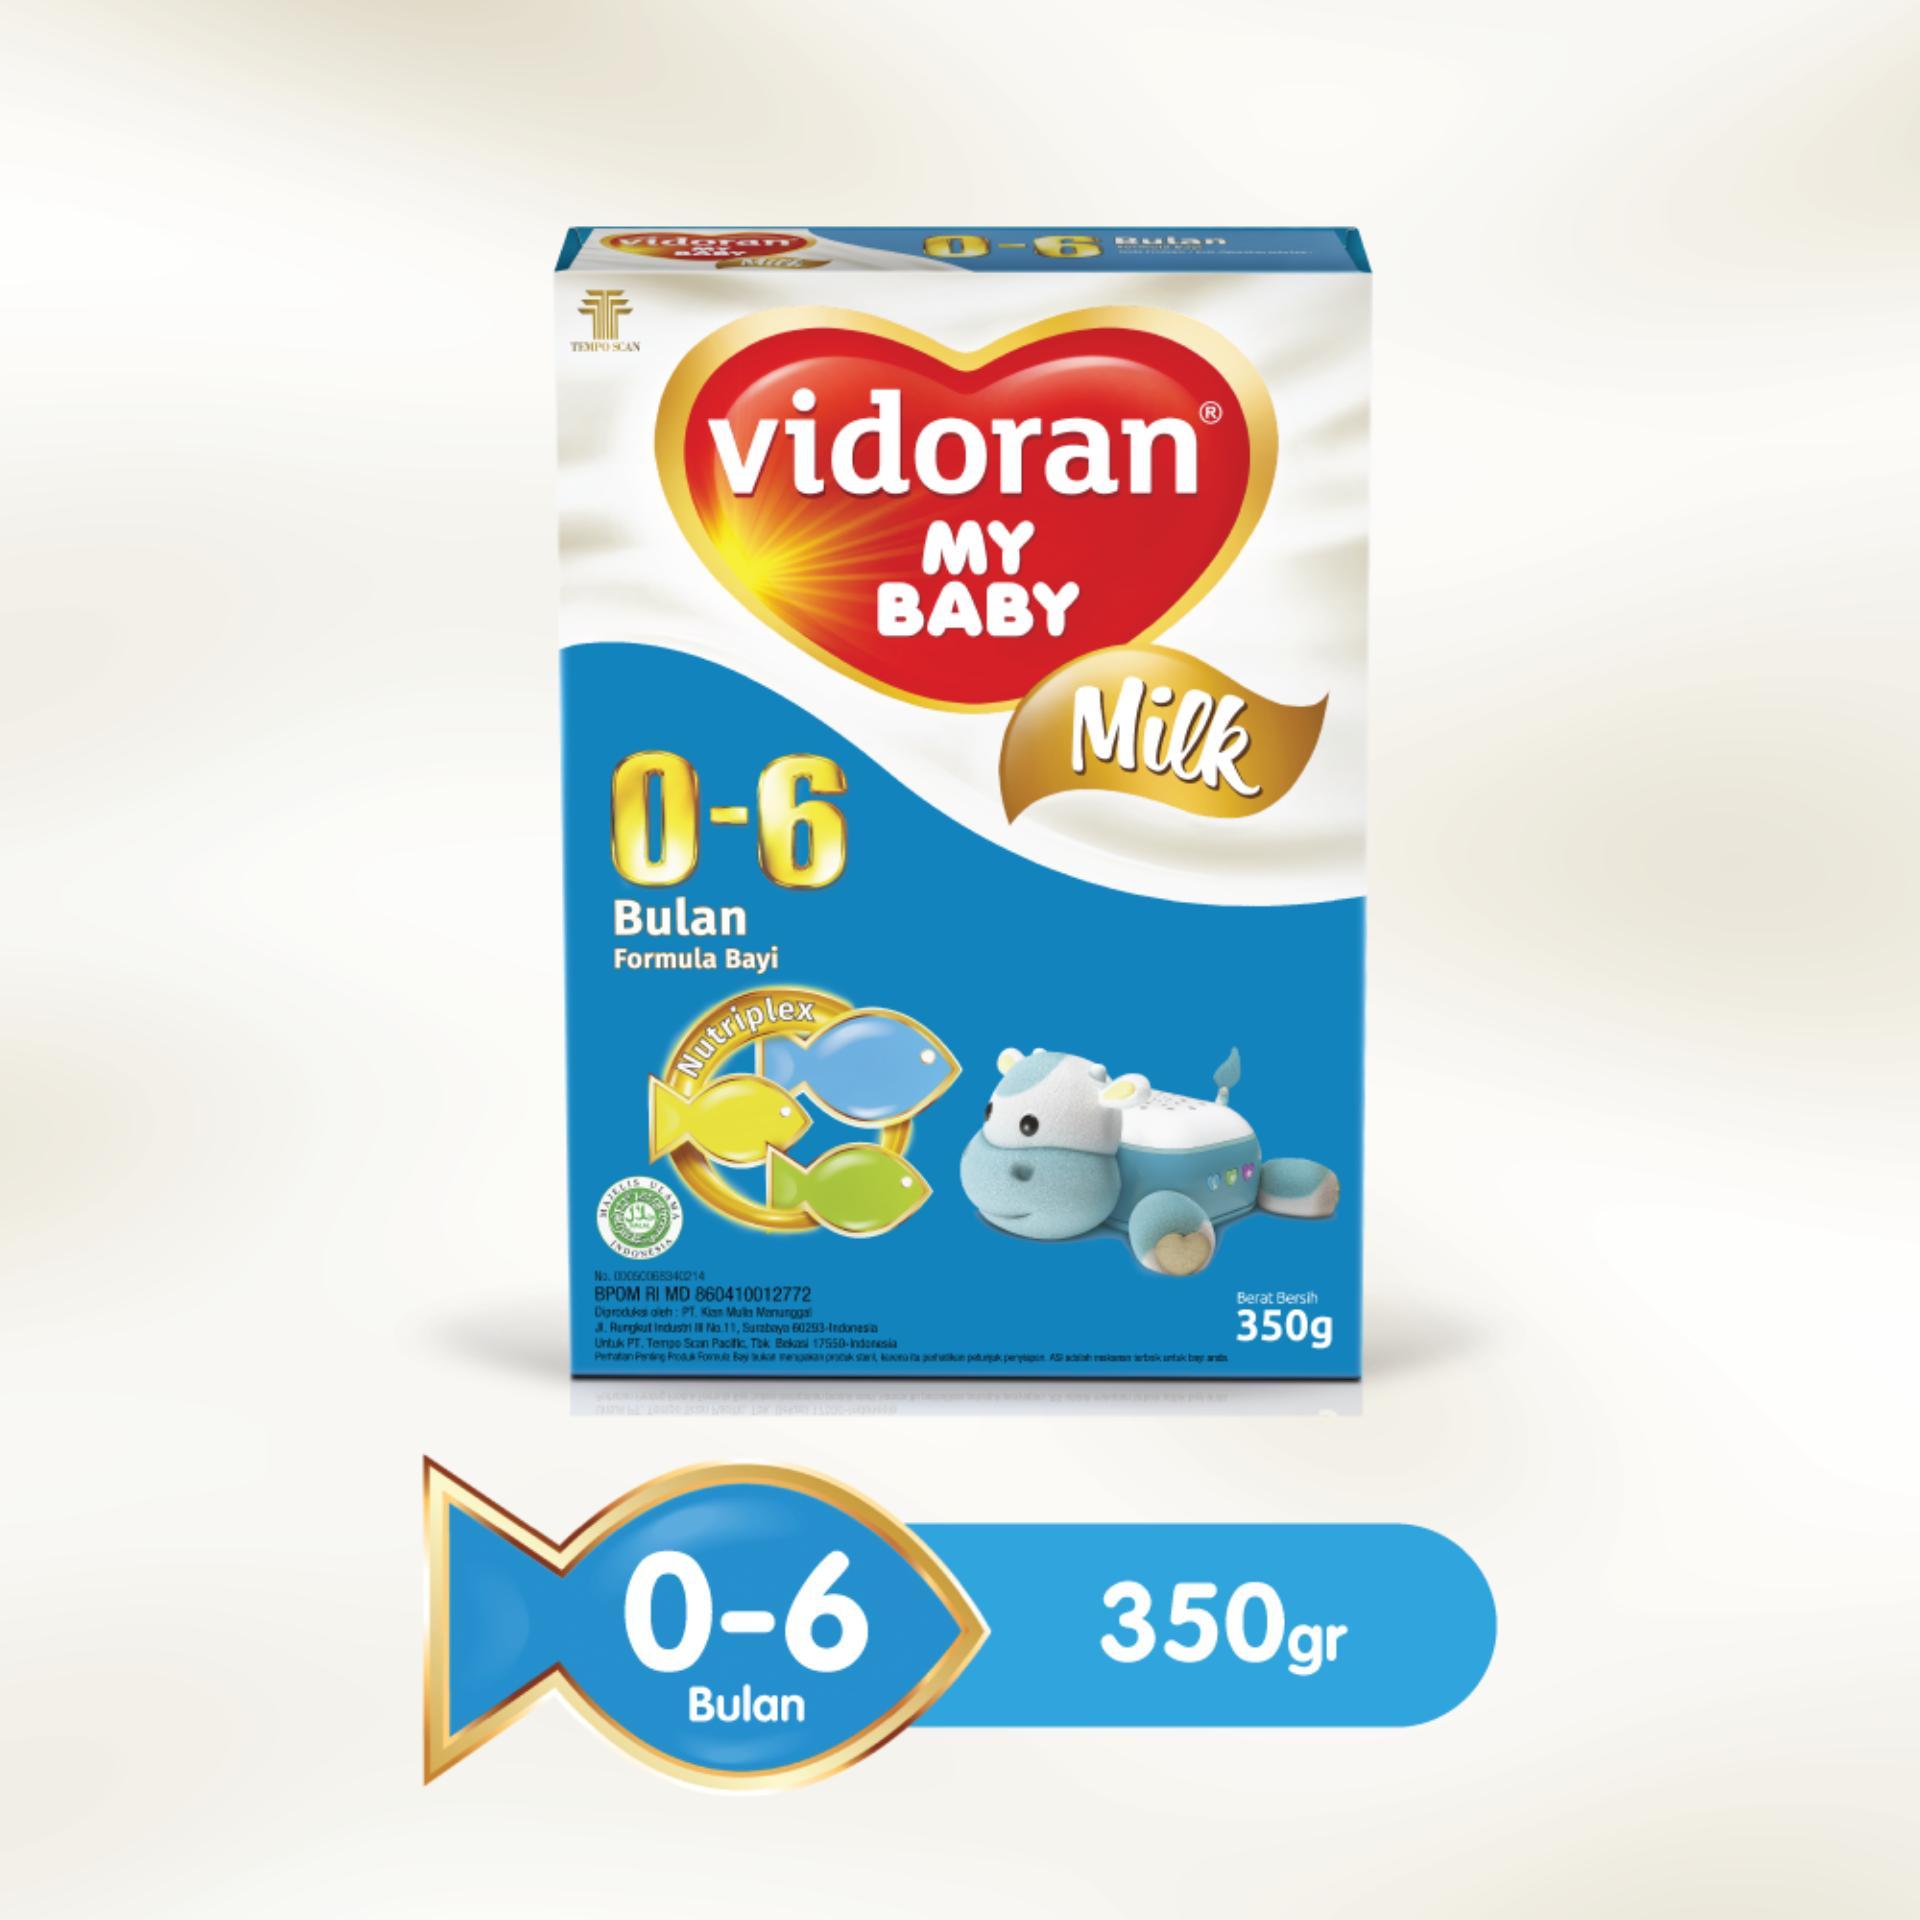 Berbagai Susu Bayi 0 6 Bulan Murah Morinaga Bmt Platinum Moricare Tahap 1 400 Gr Vidoran My Baby Nutriplex Formula 350 G